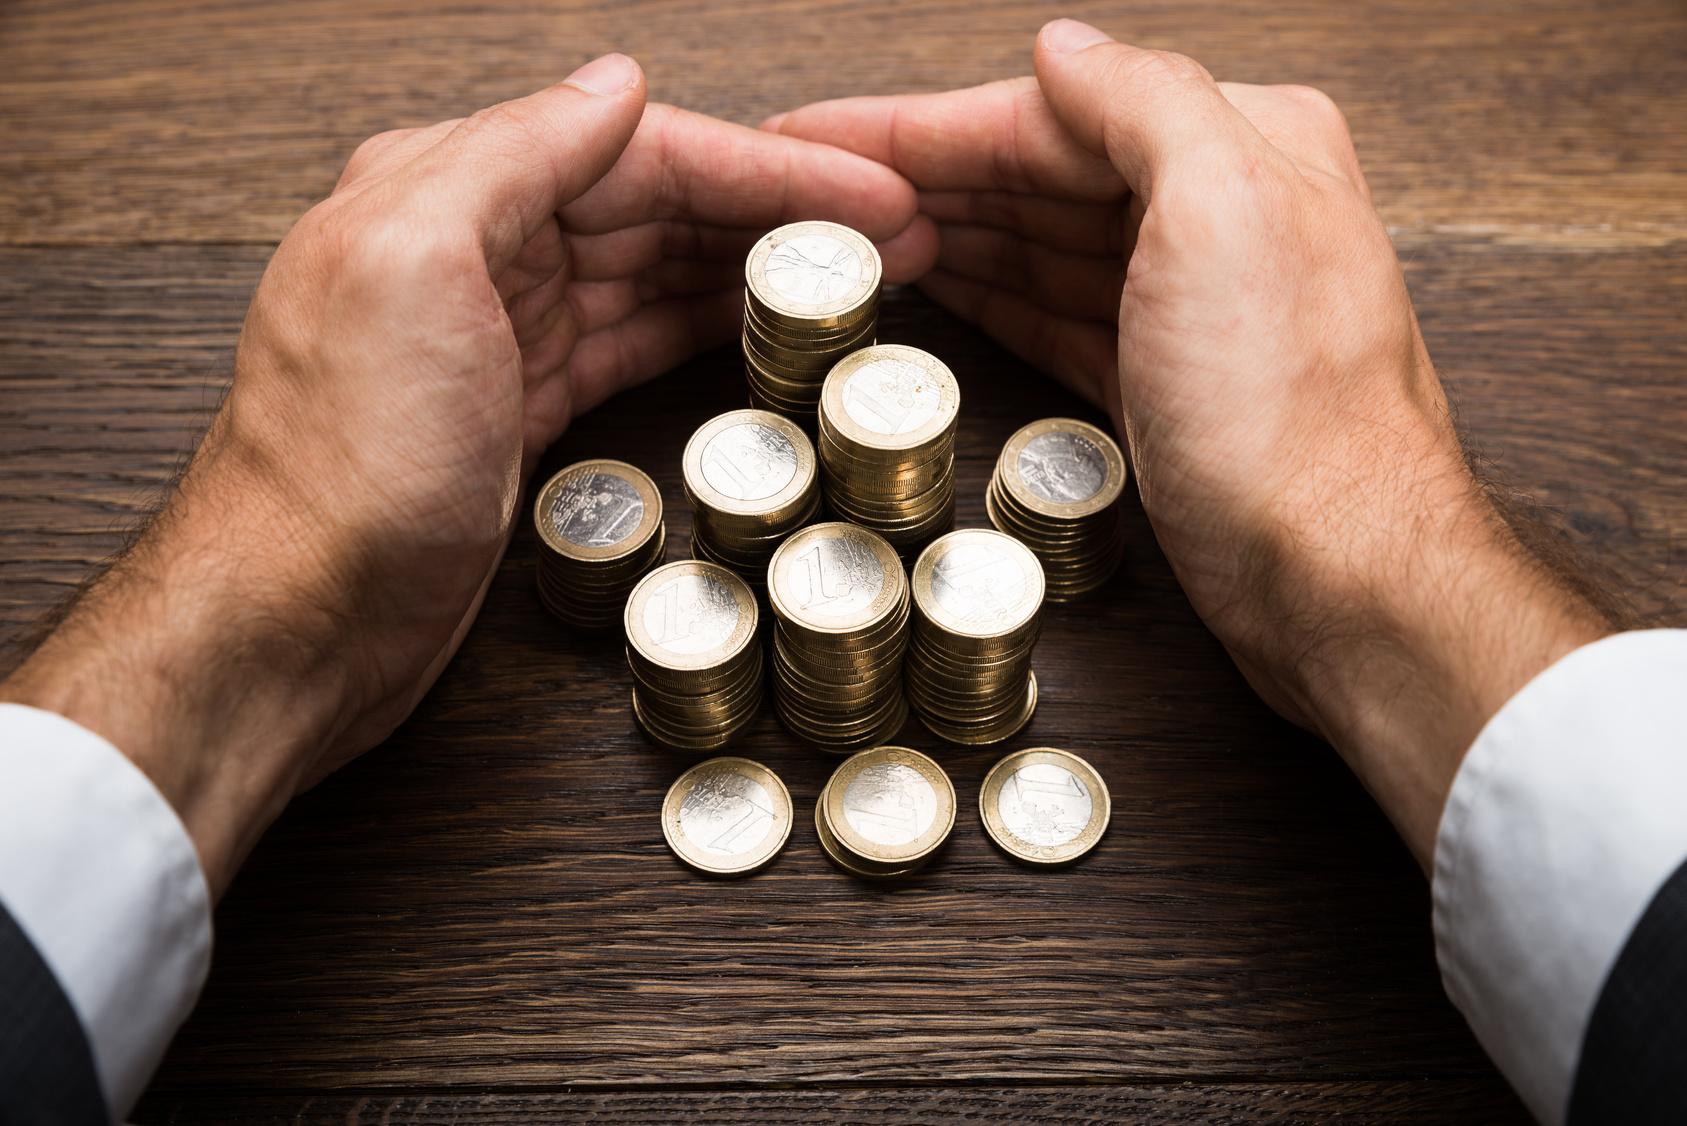 forex deutschland broker schnelle einfache möglichkeiten jetzt geld zu verdienen